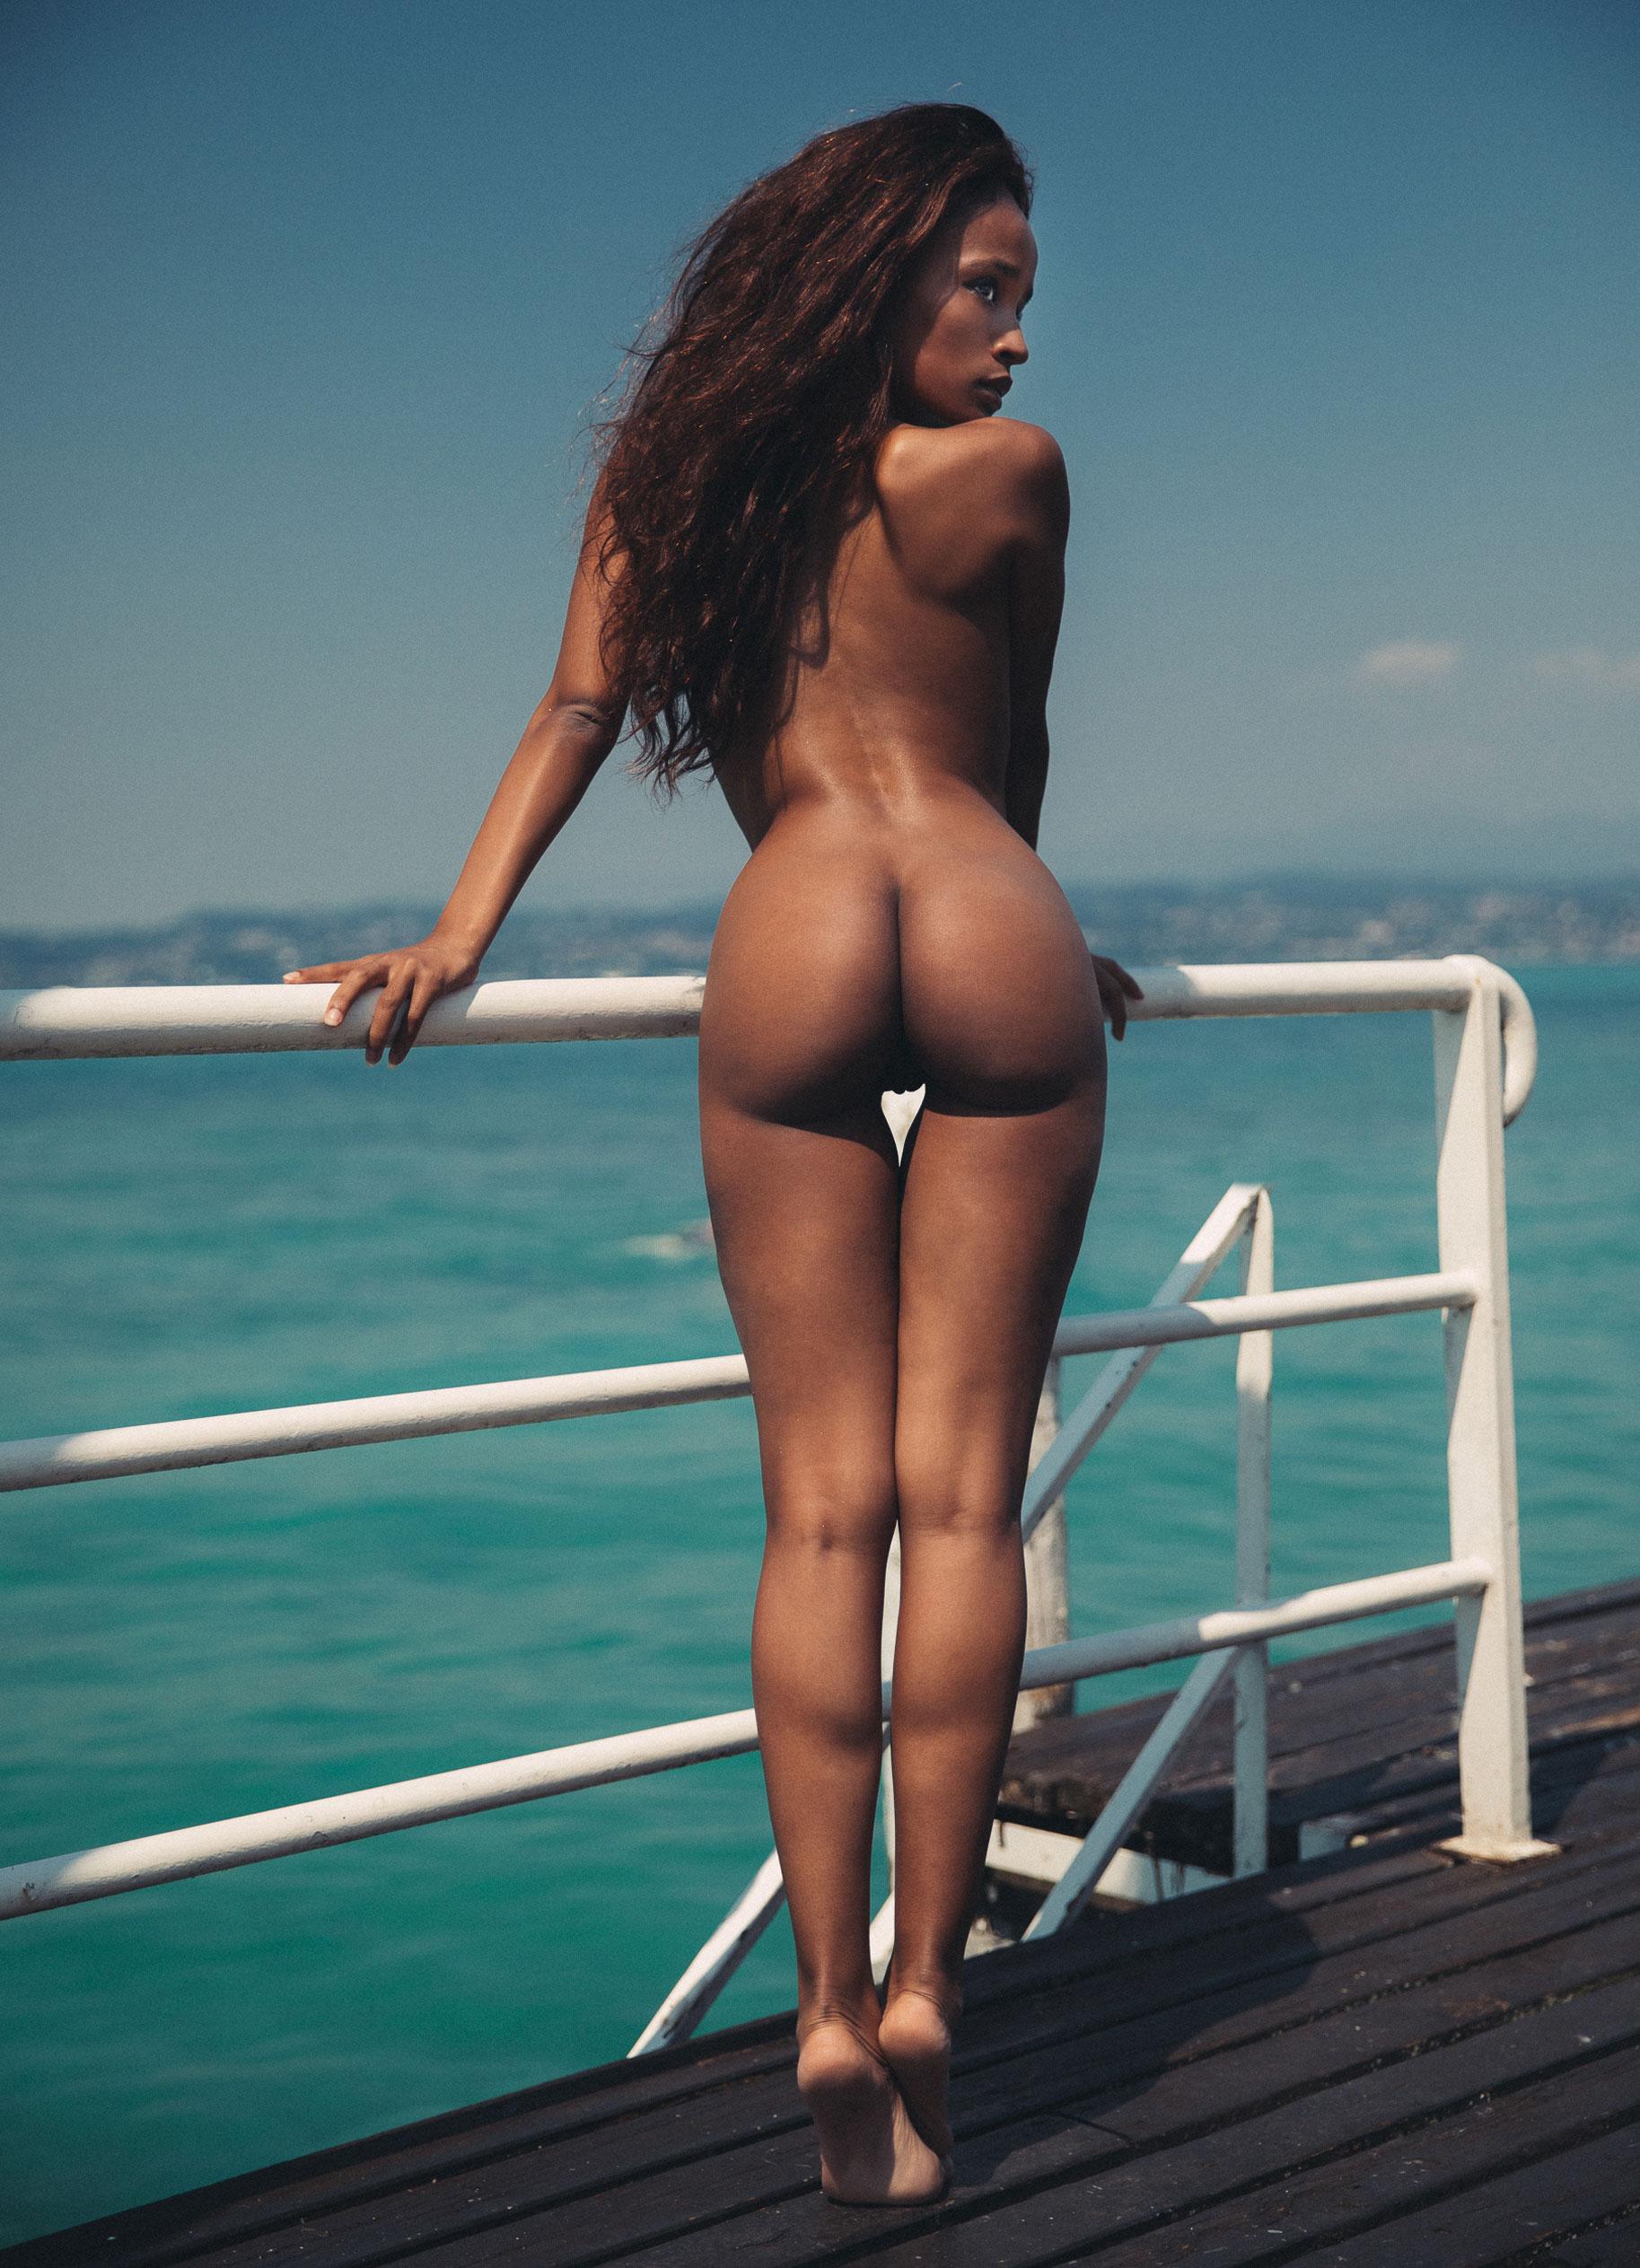 Сексуальная голая девушка загорает под итальянским солнцем / фото 07